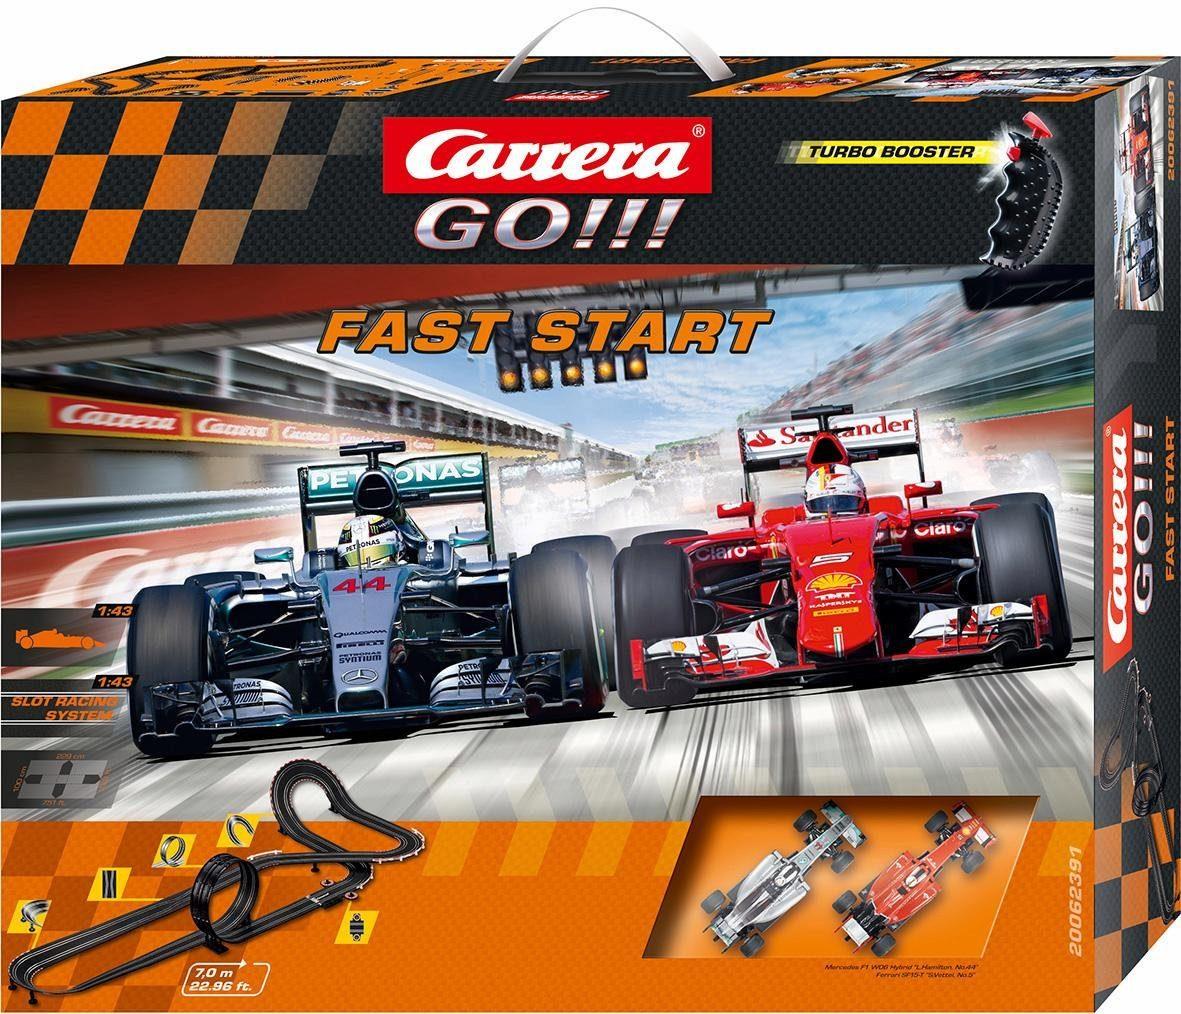 Carrera Autorennbahn, »Carrera® GO!!!, Fast Start«